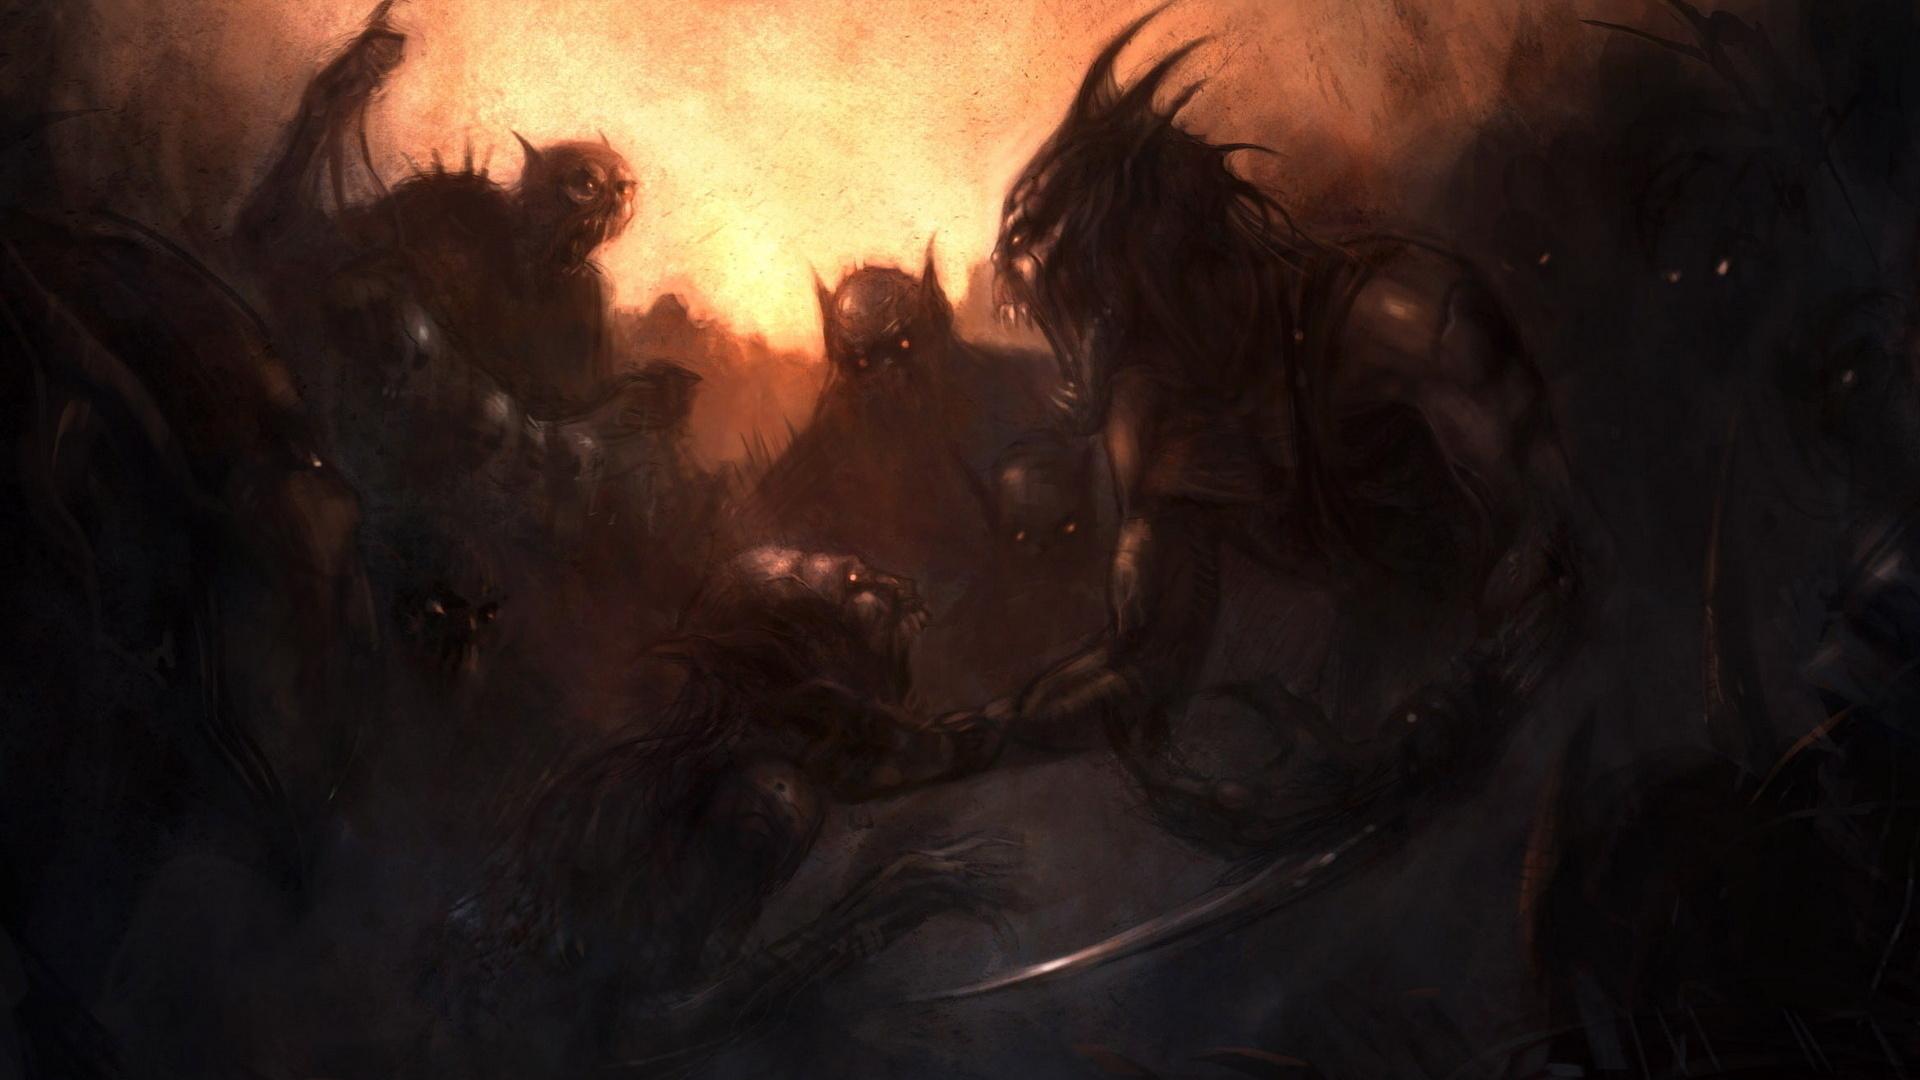 Демоны черти нечисть клинок ужас